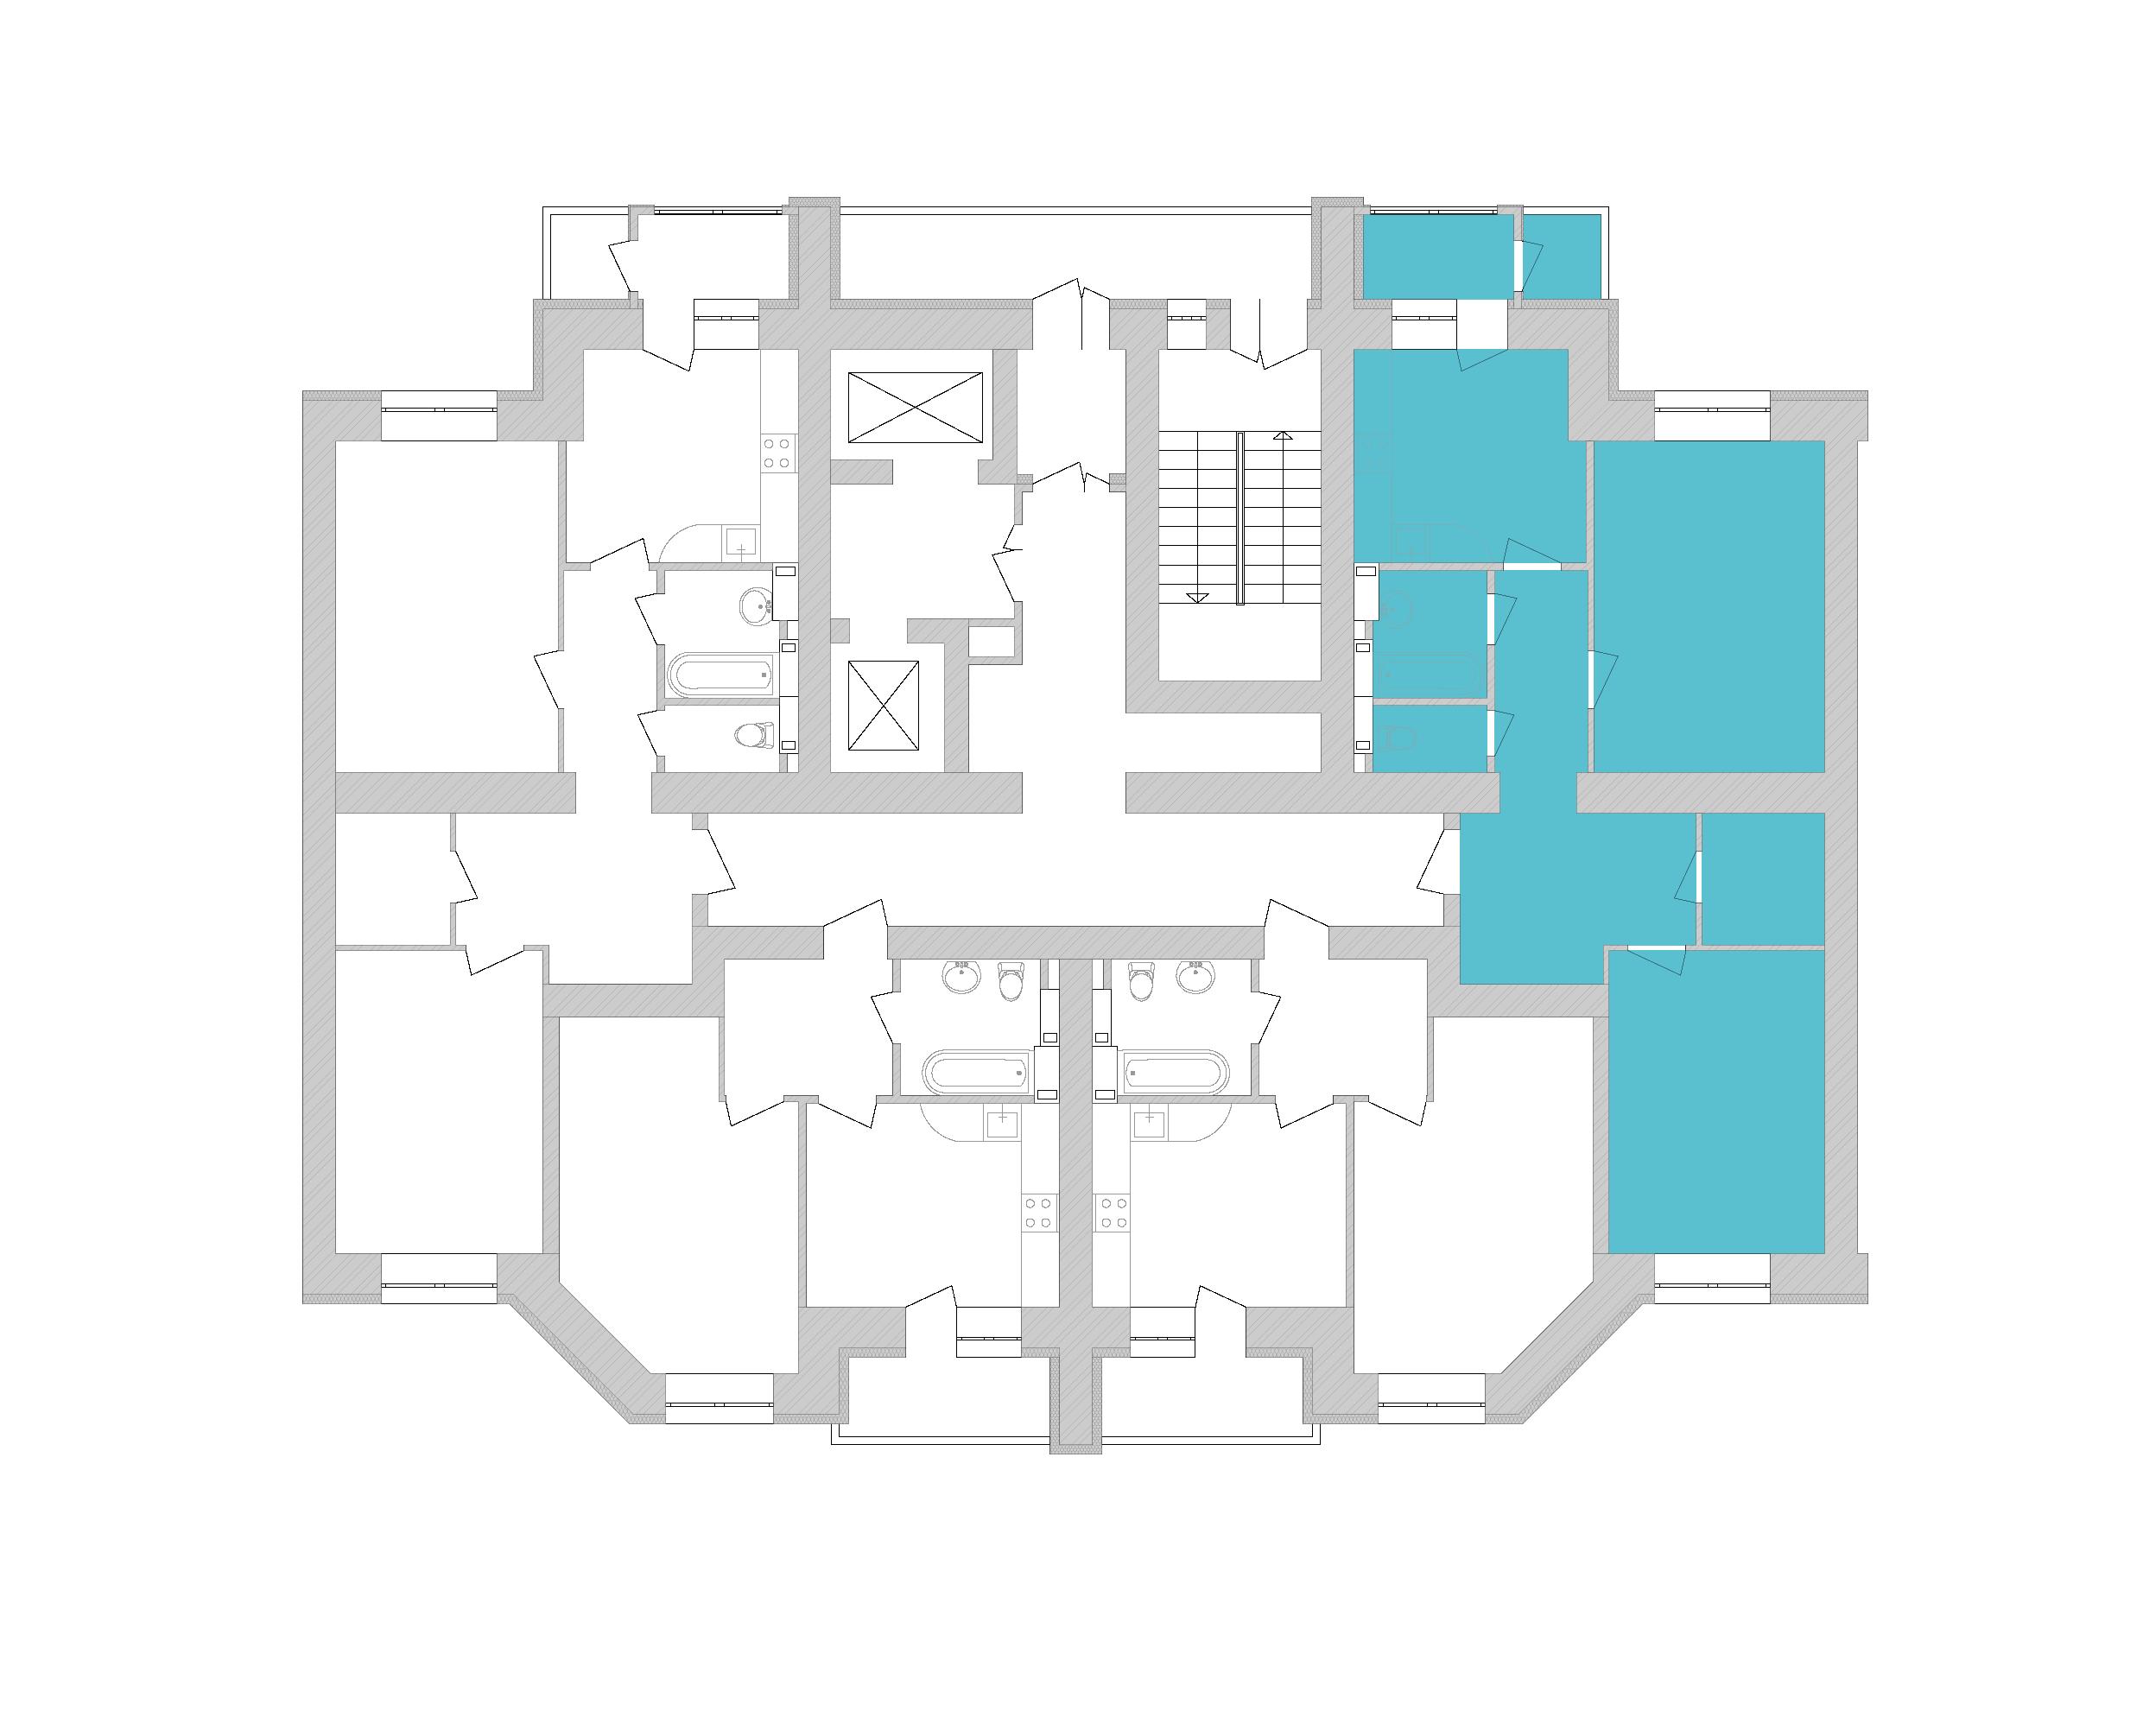 Двокімнатна квартира 72,31 кв.м., тип 2.1, будинок 1, секція 8 розташування на поверсі